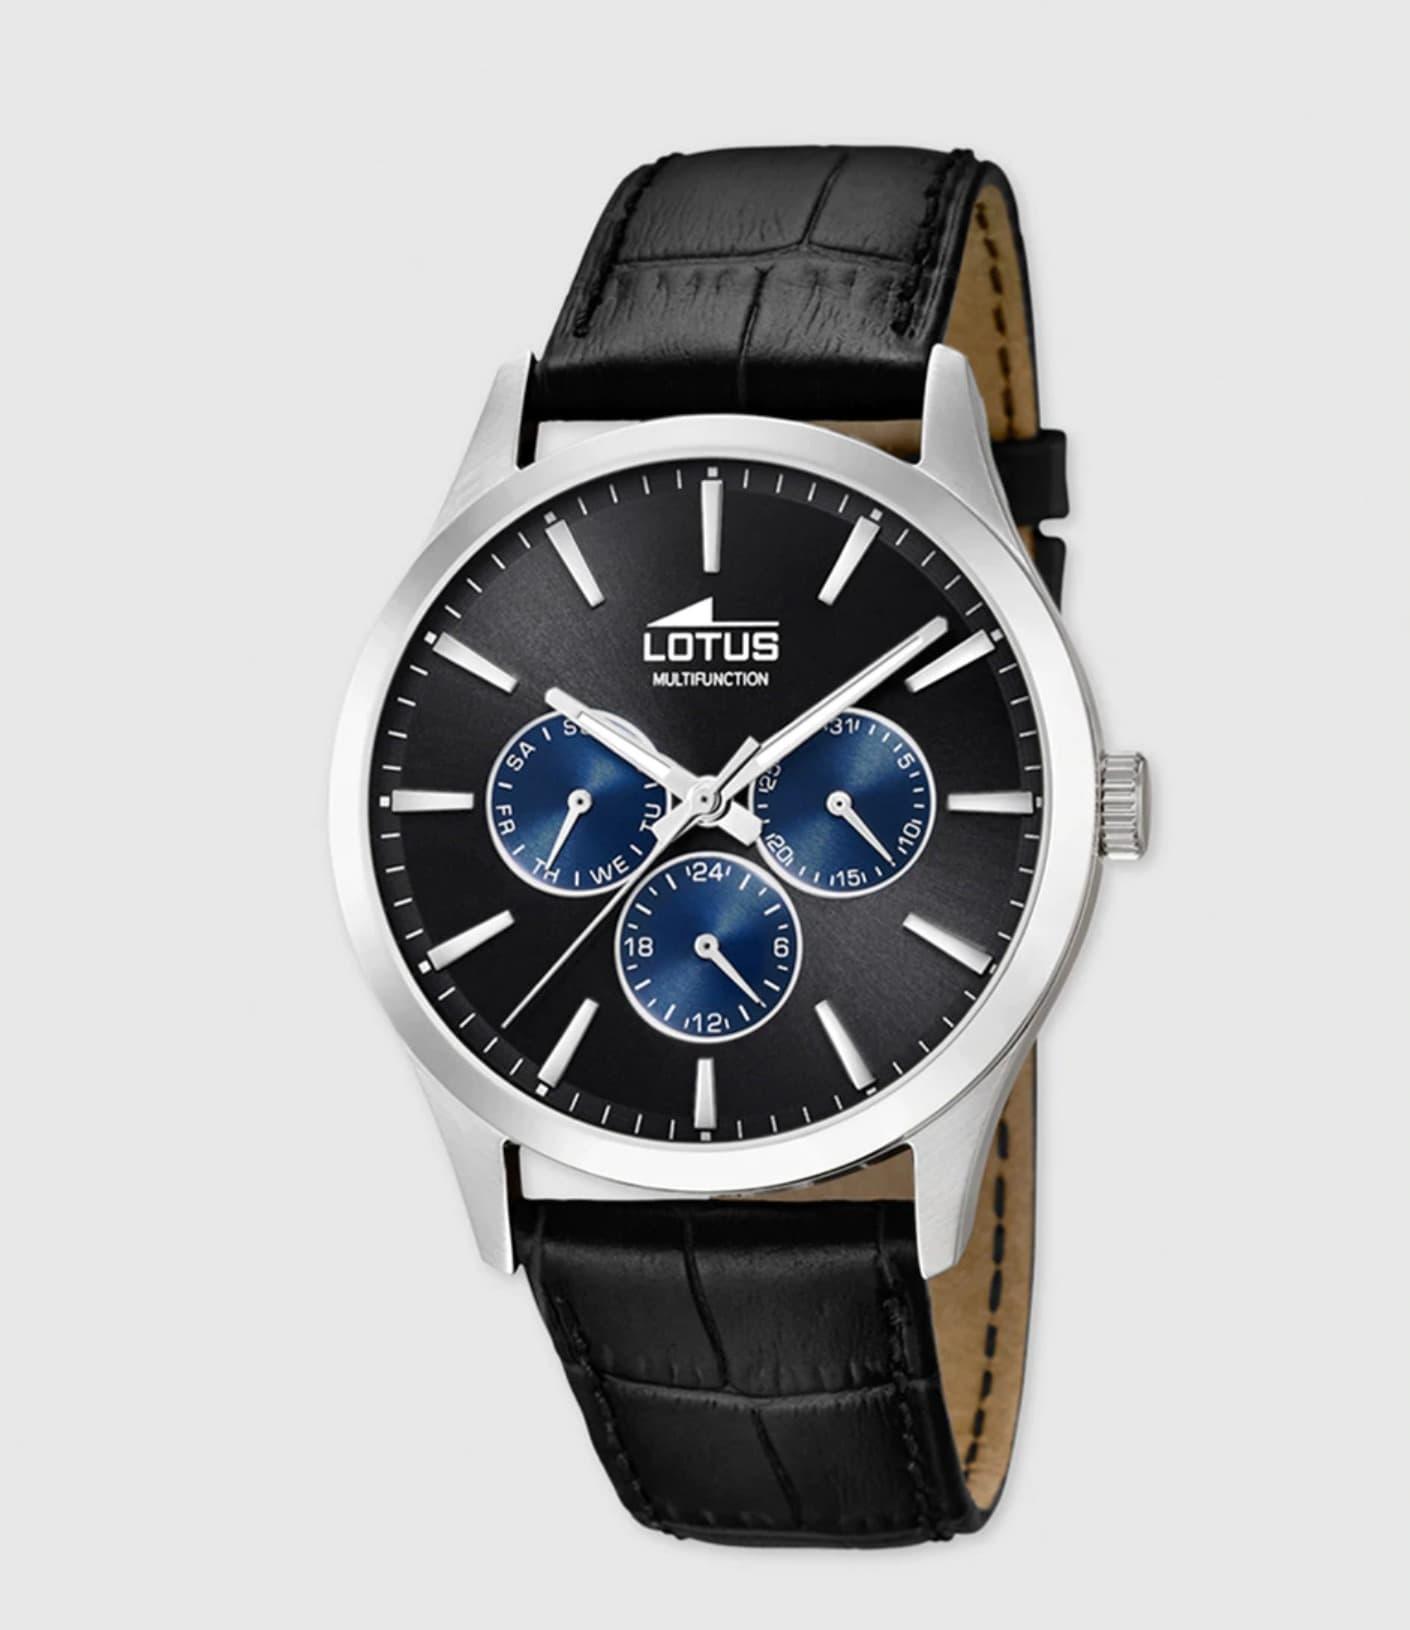 Reloj de hombre Lotus 18576/6 Minimalist de piel negro